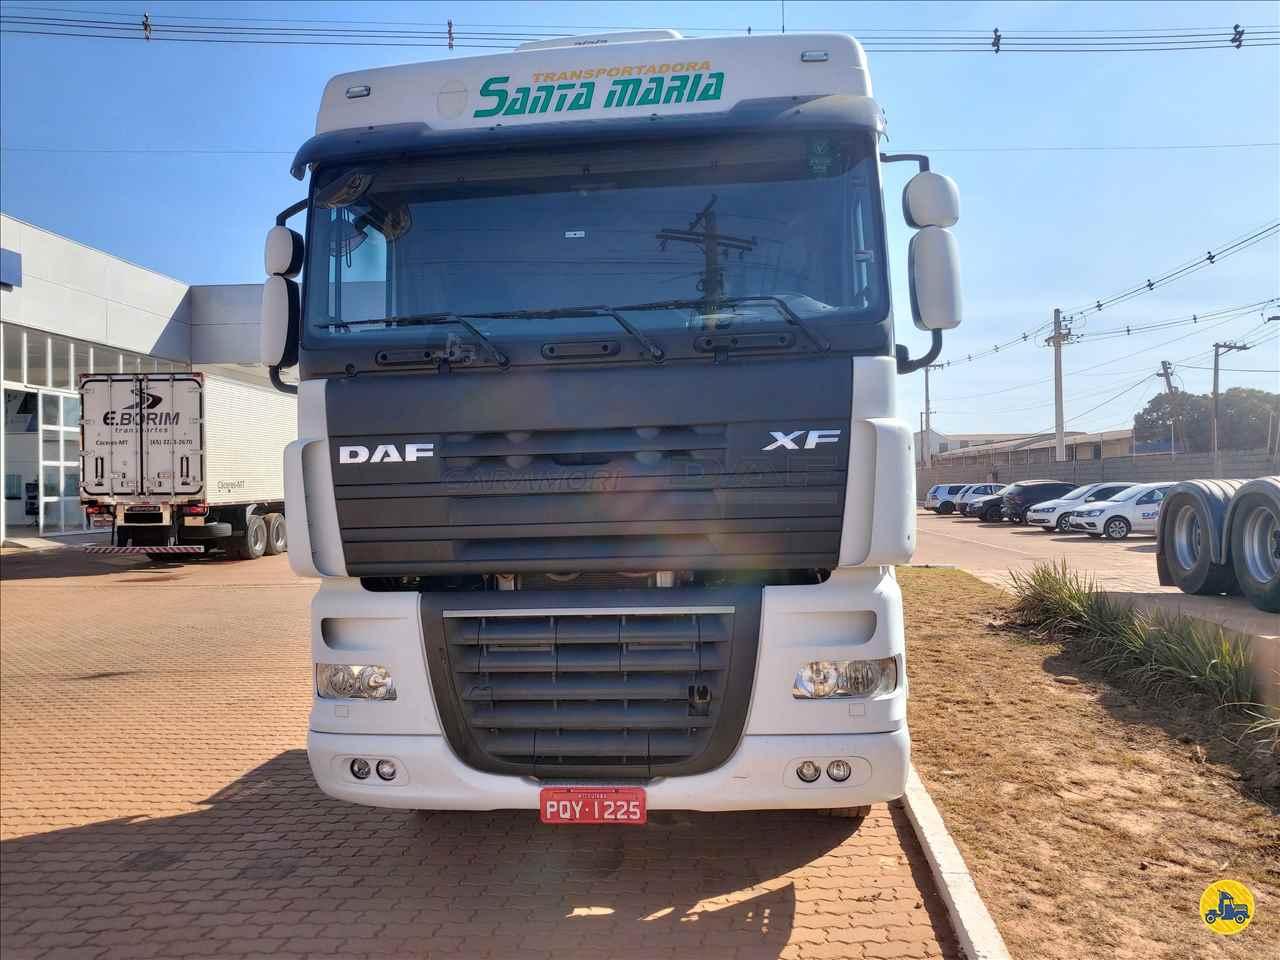 CAMINHAO DAF DAF XF105 510 Cavalo Mecânico Traçado 6x4 DAF Caramori CUIABA MATO GROSSO MT